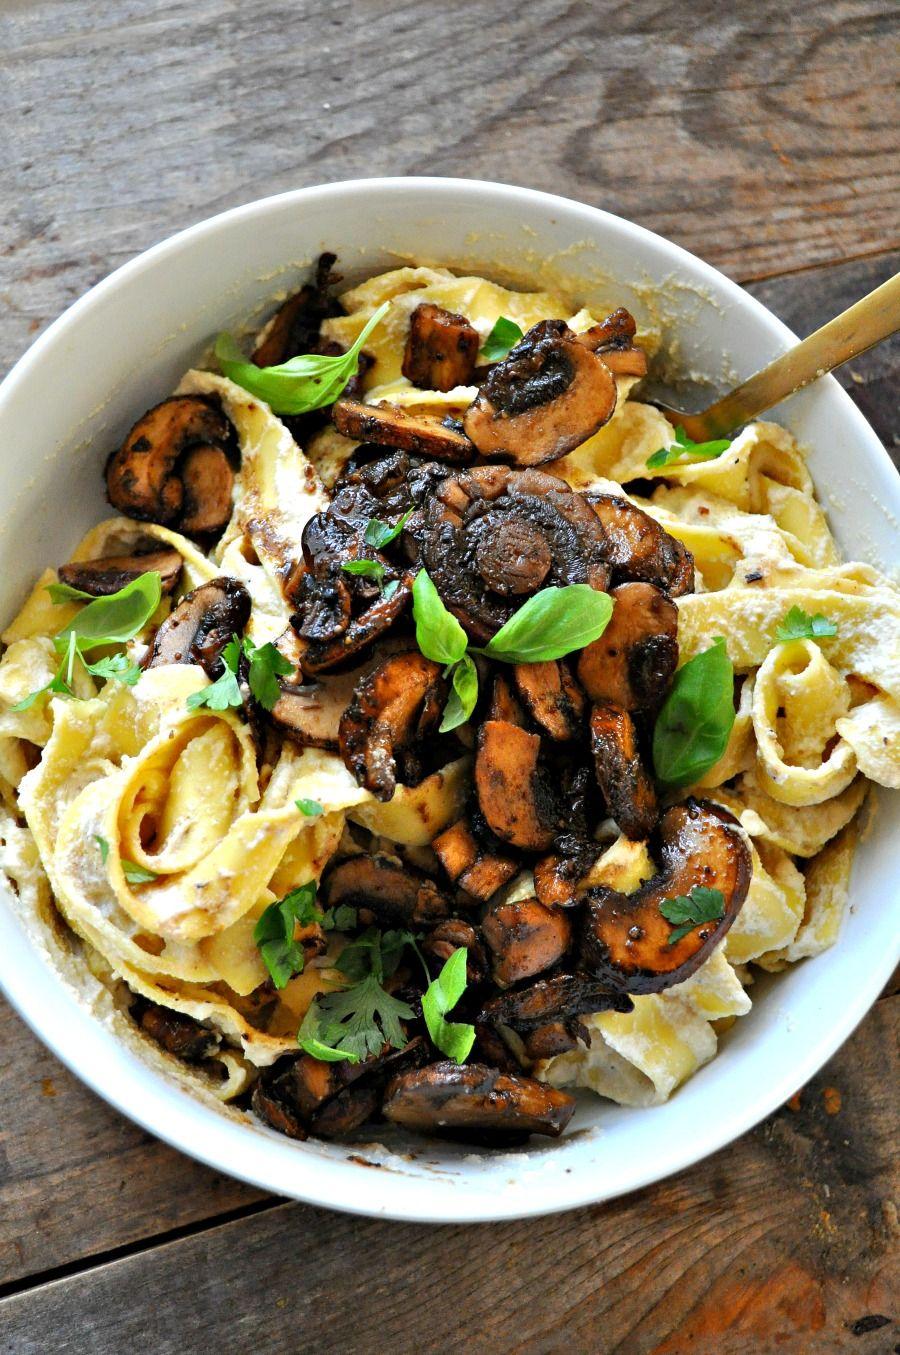 Vegan Creamy Smokey Balsamic Mushroom Pasta